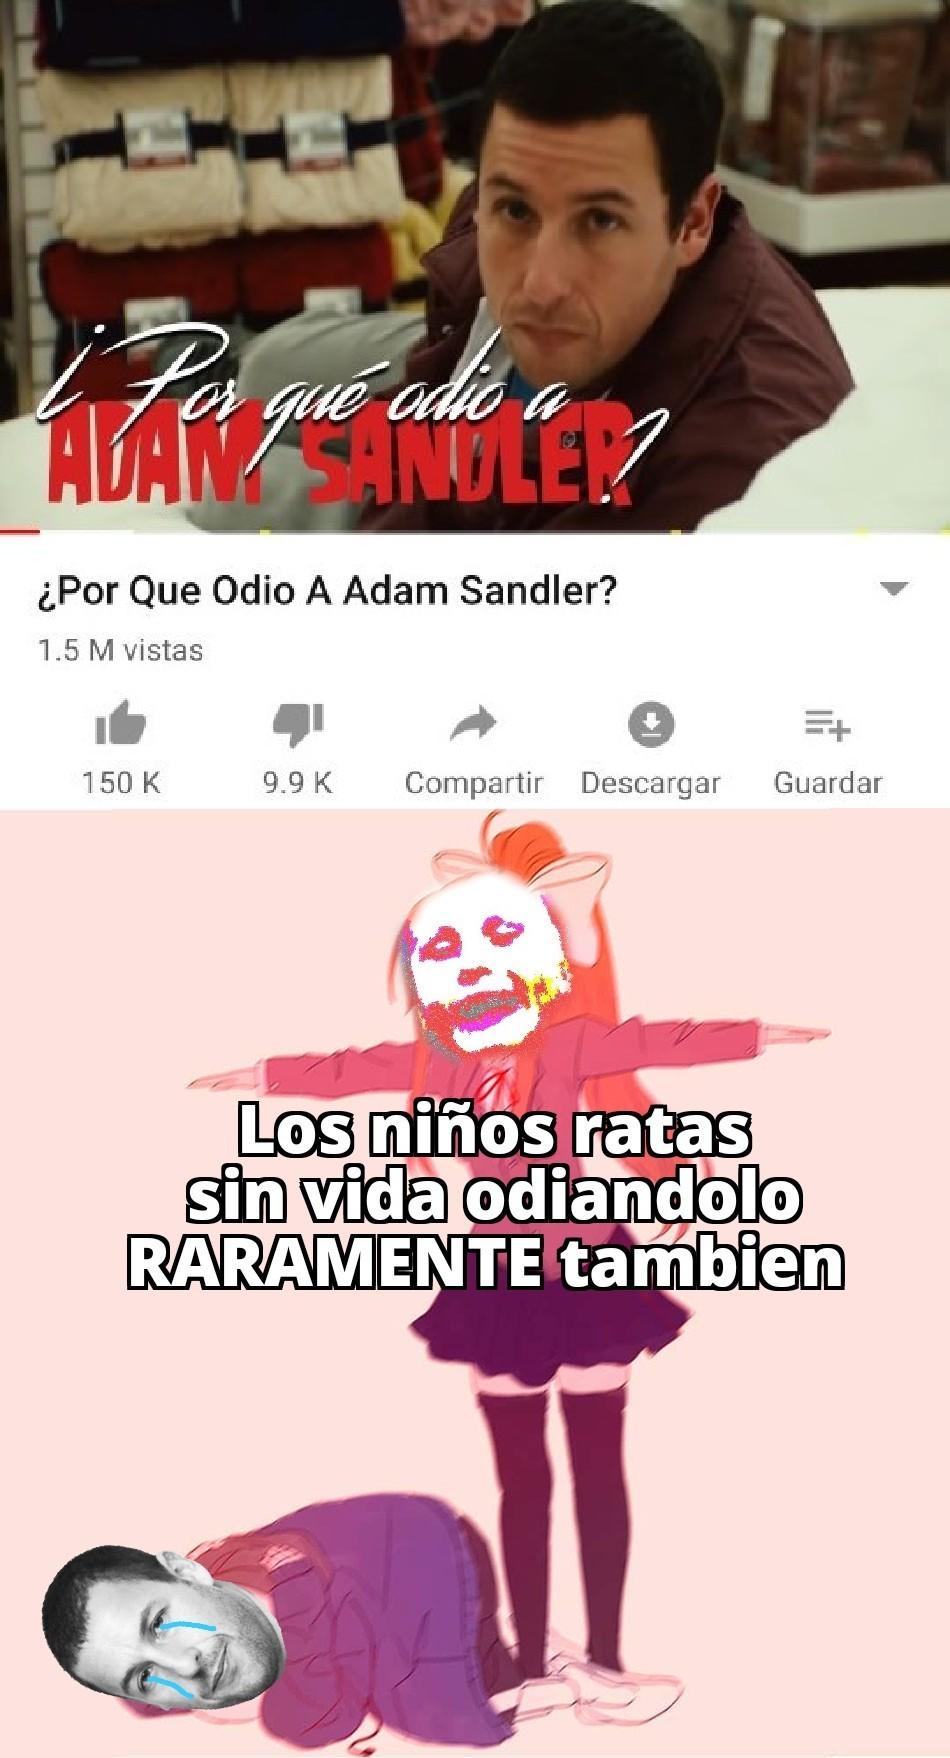 Pobre adam, los ratones van tras el - meme